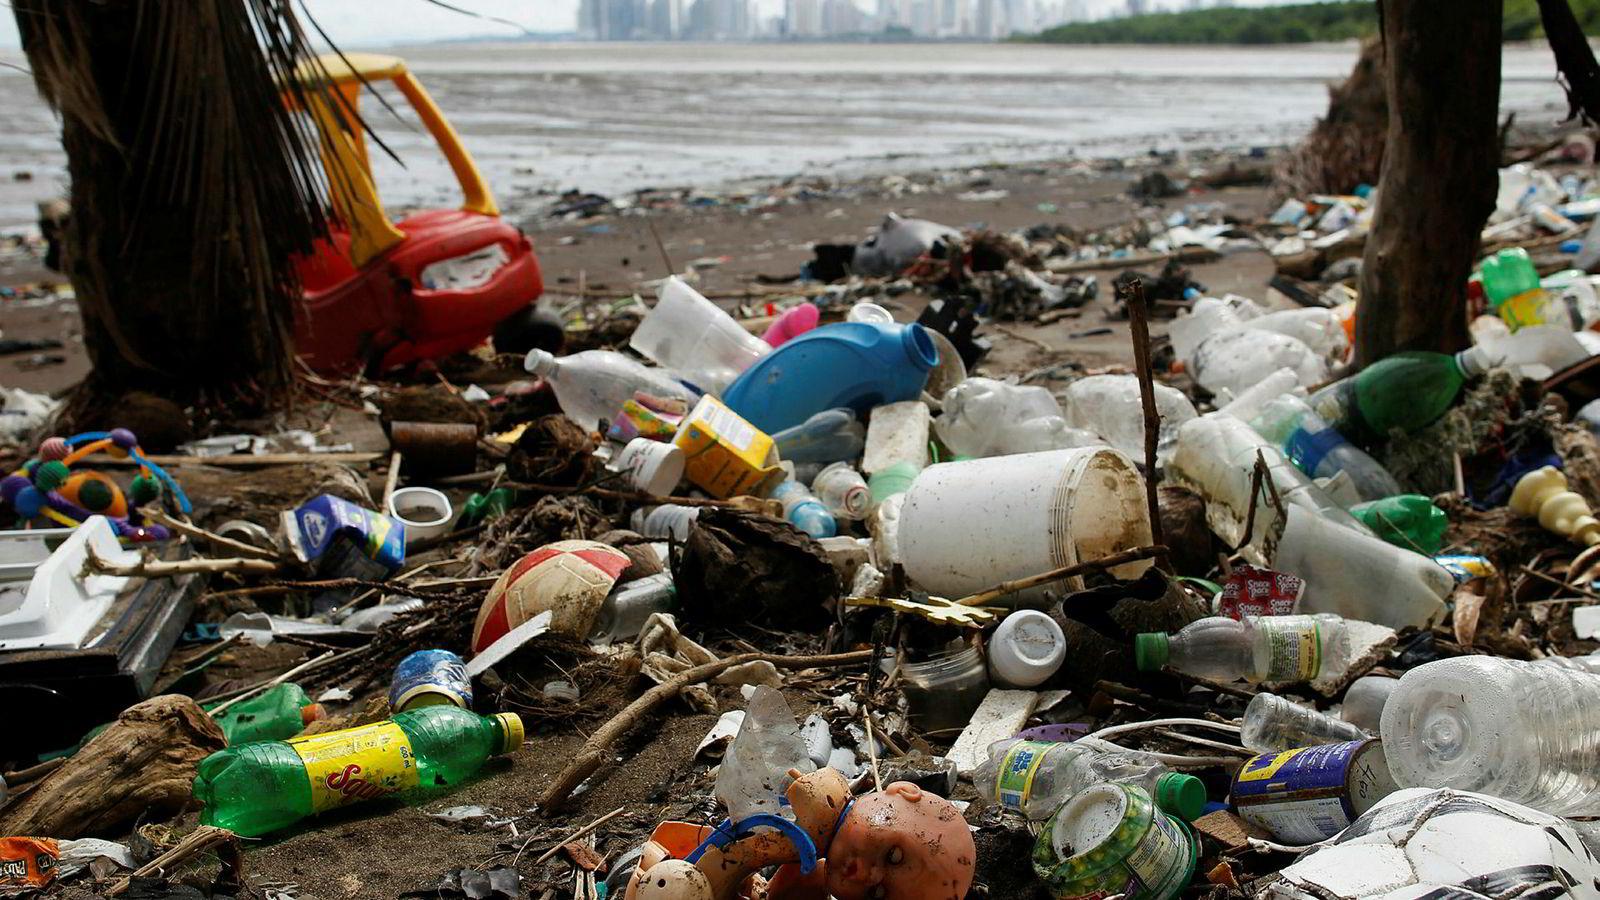 FN-rapport tar til orde for et nytt økonomisk system for å hindre at planeten ødelegges. Bildet viser forsøpling på en strand i nærheten i Panama City.